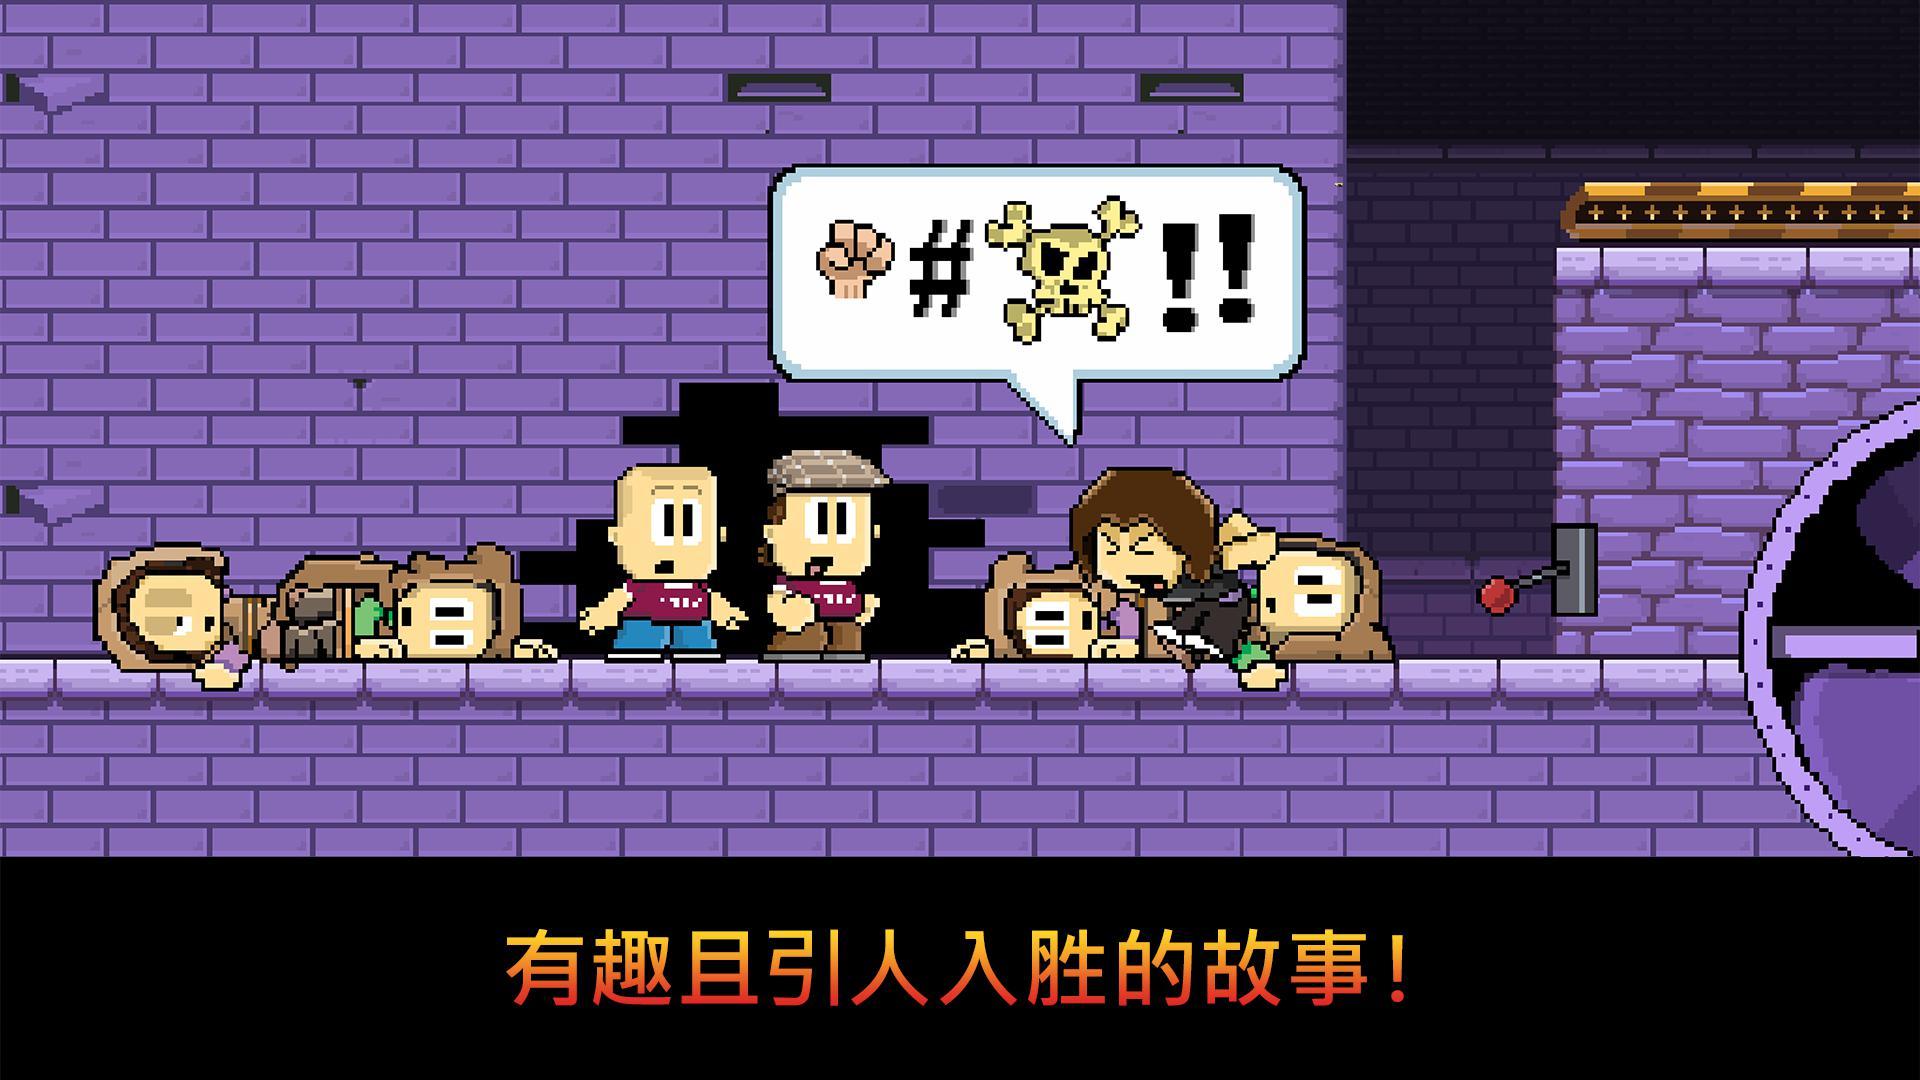 英雄丹 (Dan the Man官方正版)–超级经典冒险游戏 游戏截图3